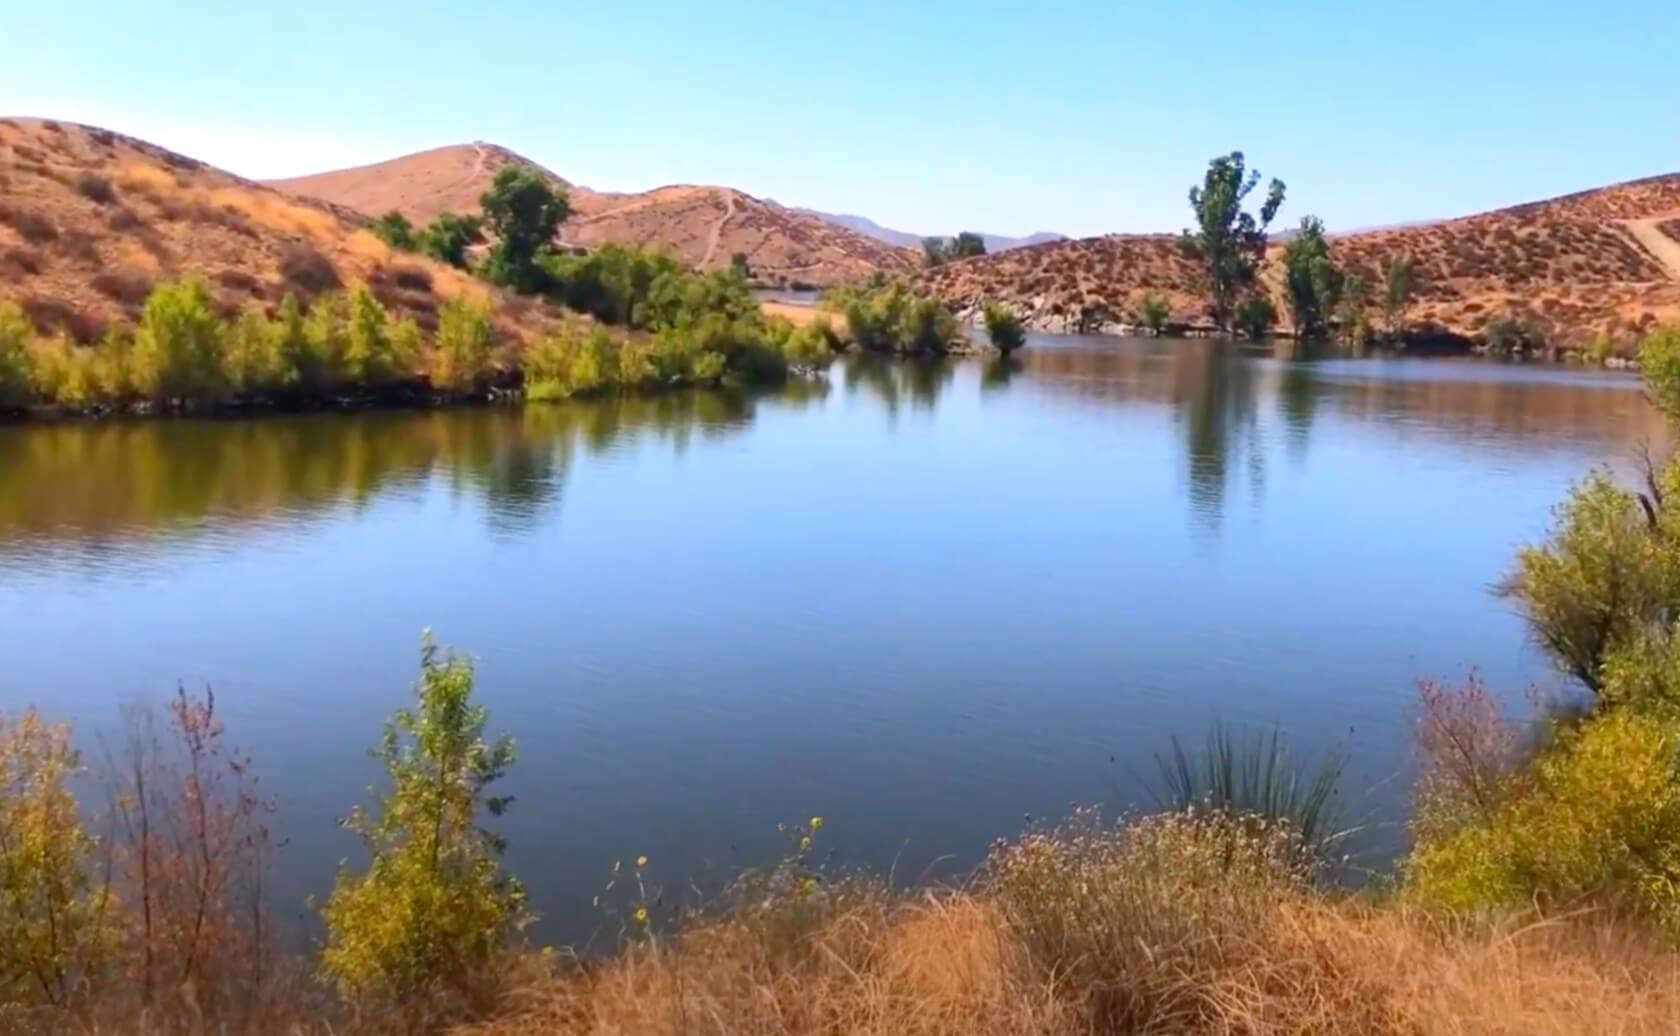 Canyon-Lake-Fishing-Guide-Report-California-92587-02